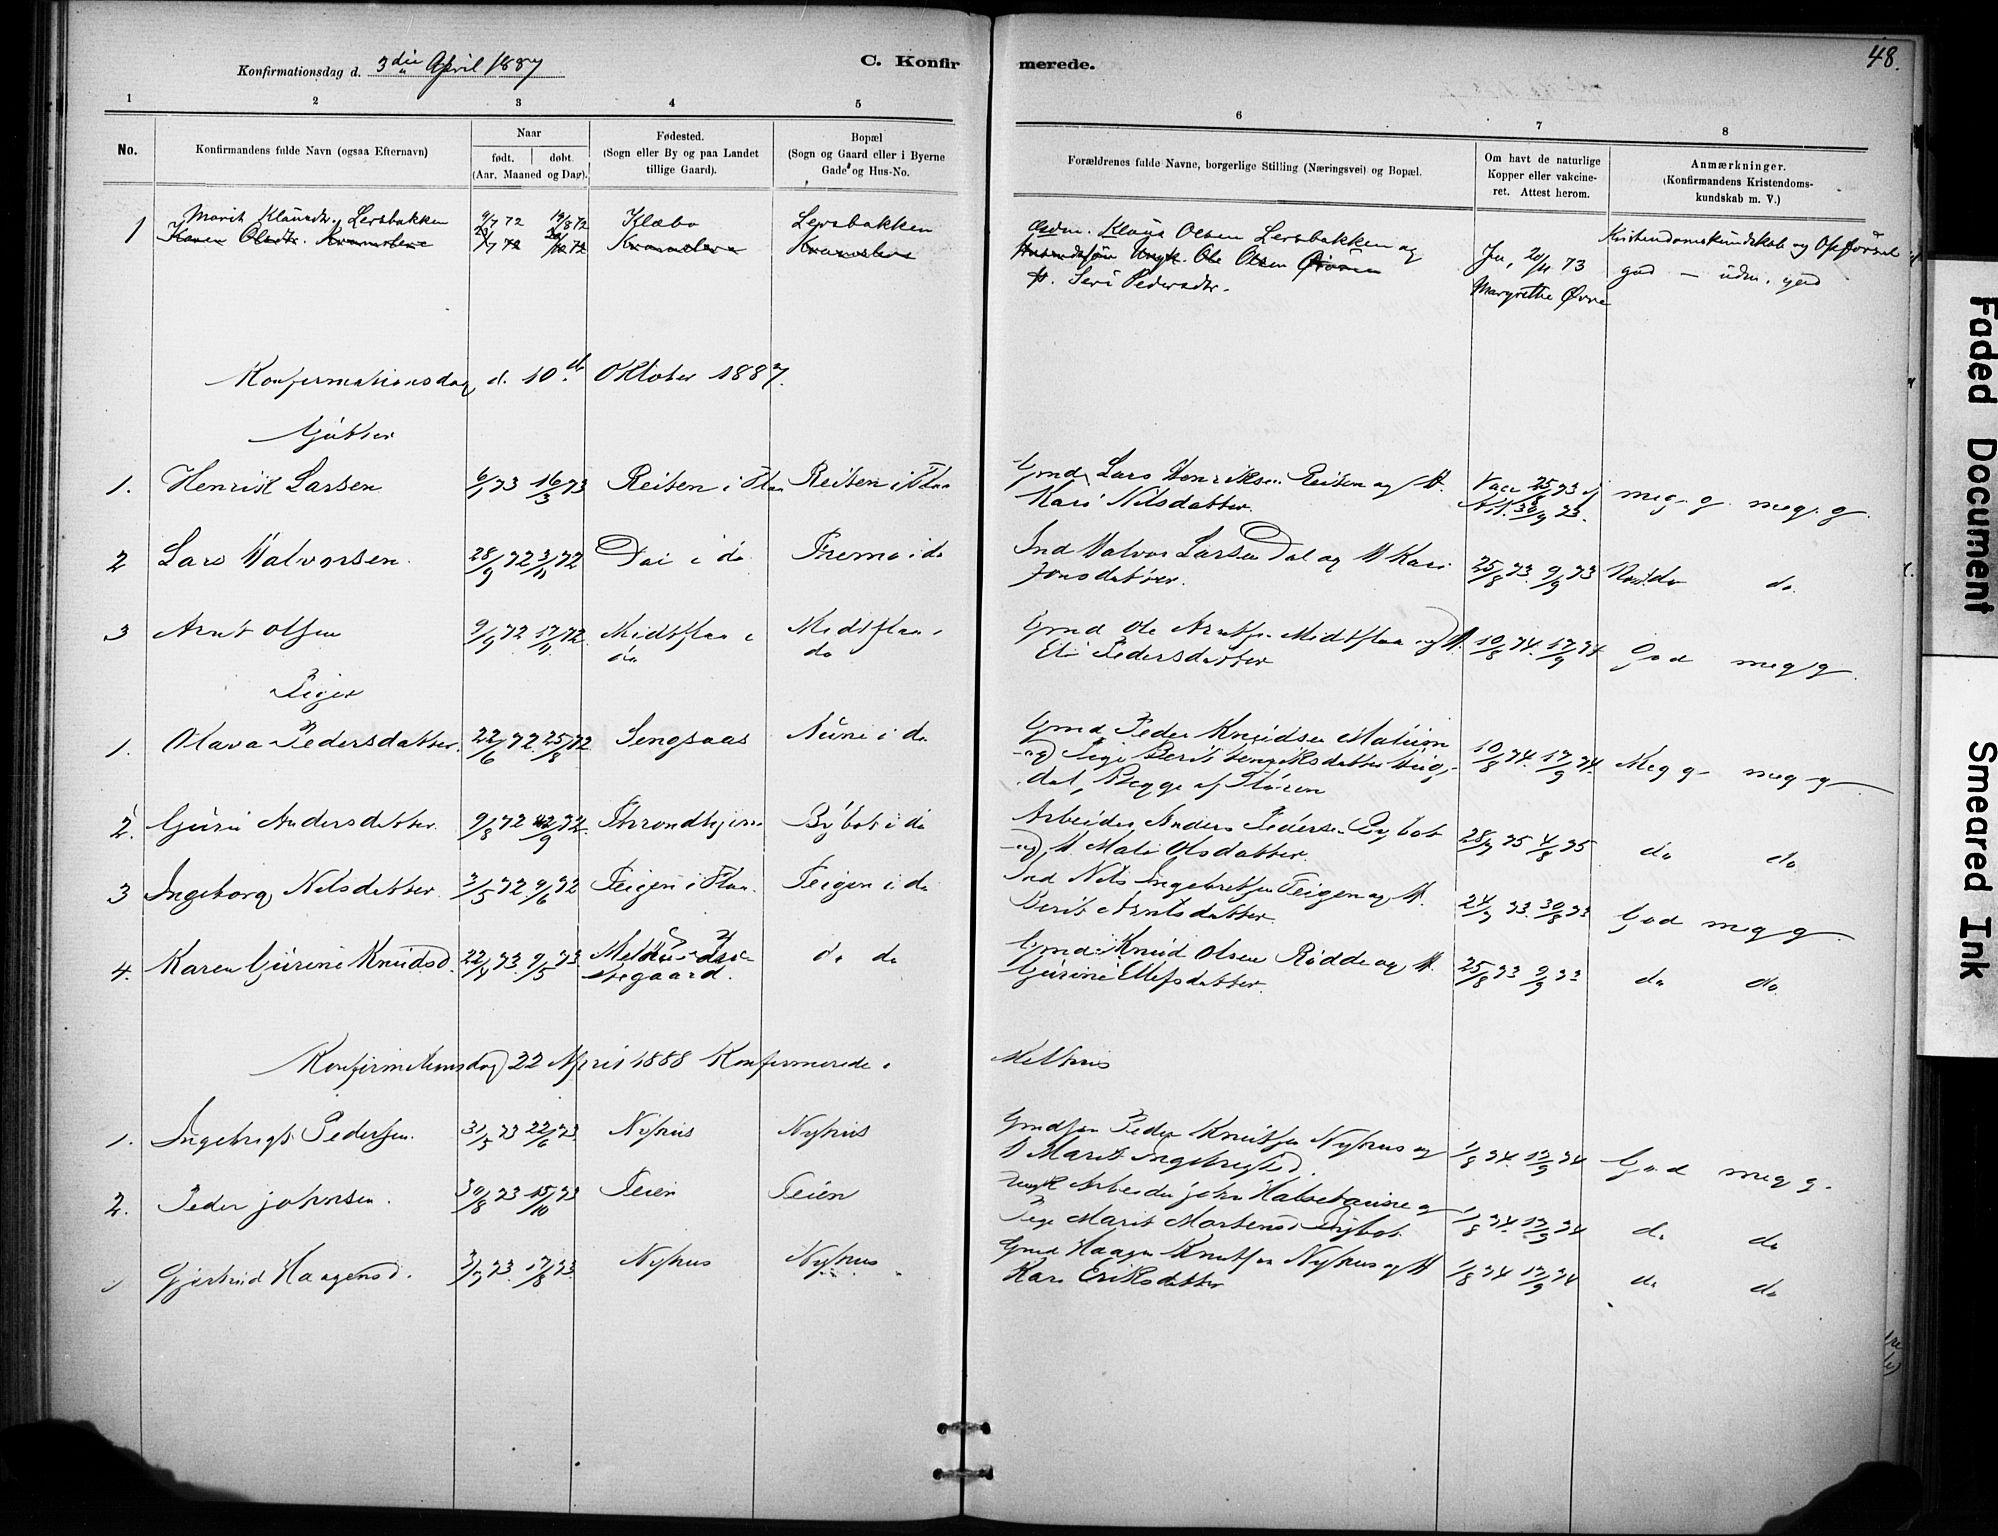 SAT, Ministerialprotokoller, klokkerbøker og fødselsregistre - Sør-Trøndelag, 693/L1119: Ministerialbok nr. 693A01, 1887-1905, s. 48